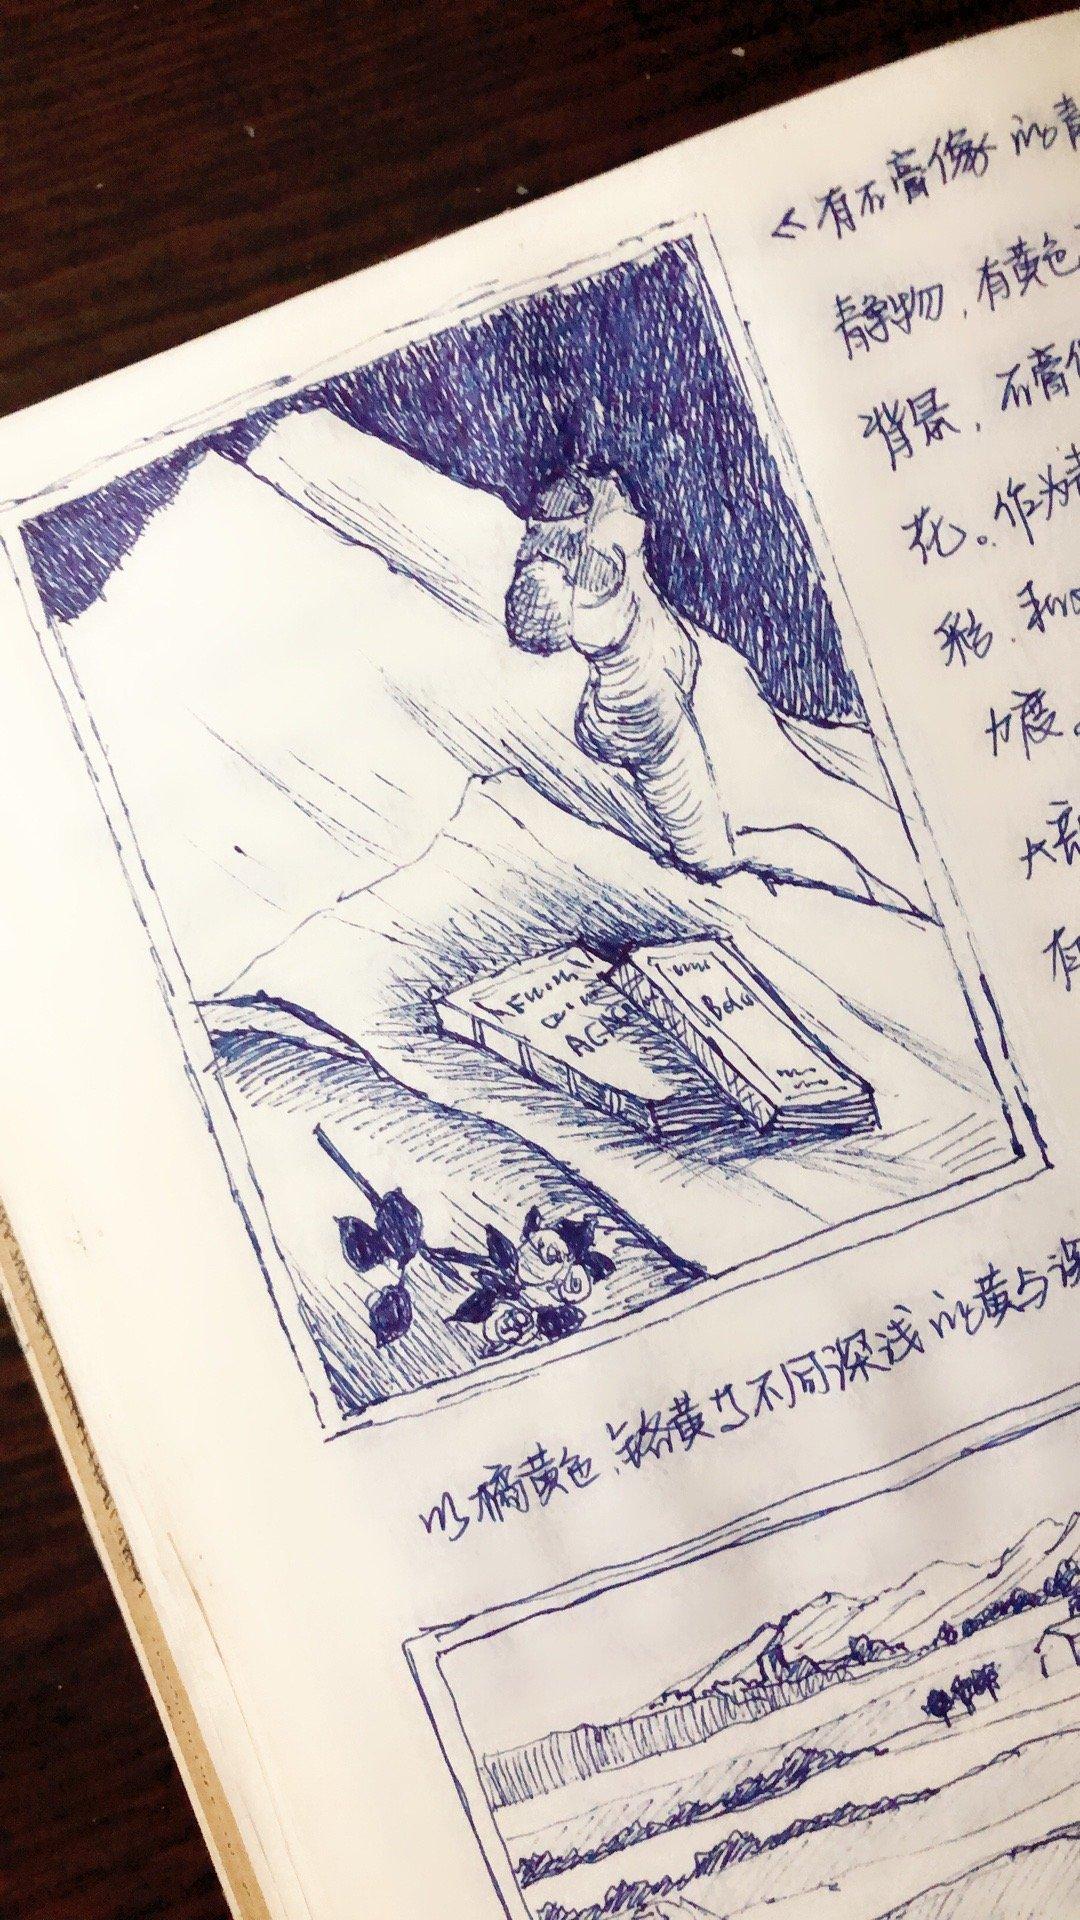 今天继续,把这本书翻完。关于梵高的一本拼凑的书